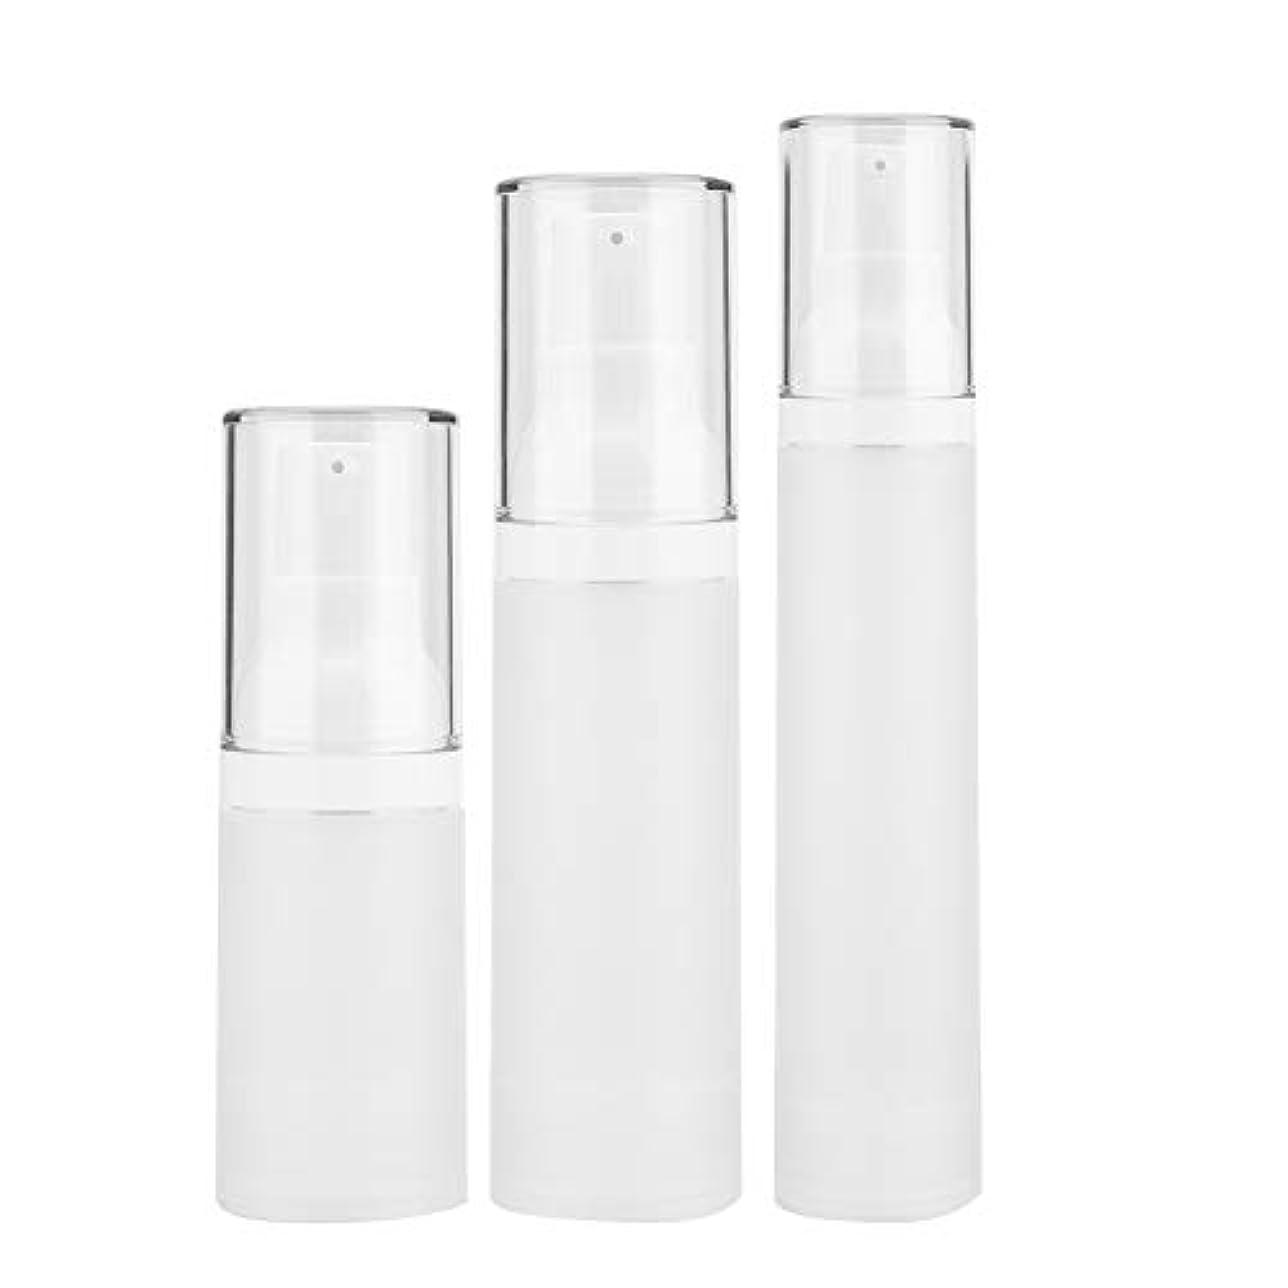 作る透過性中世の3本入りトラベルボトルセット - 化粧品旅行用容器、化粧品容器が空の化粧品容器付きペットボトル - シャンプーとスプレー用(3 pcs)